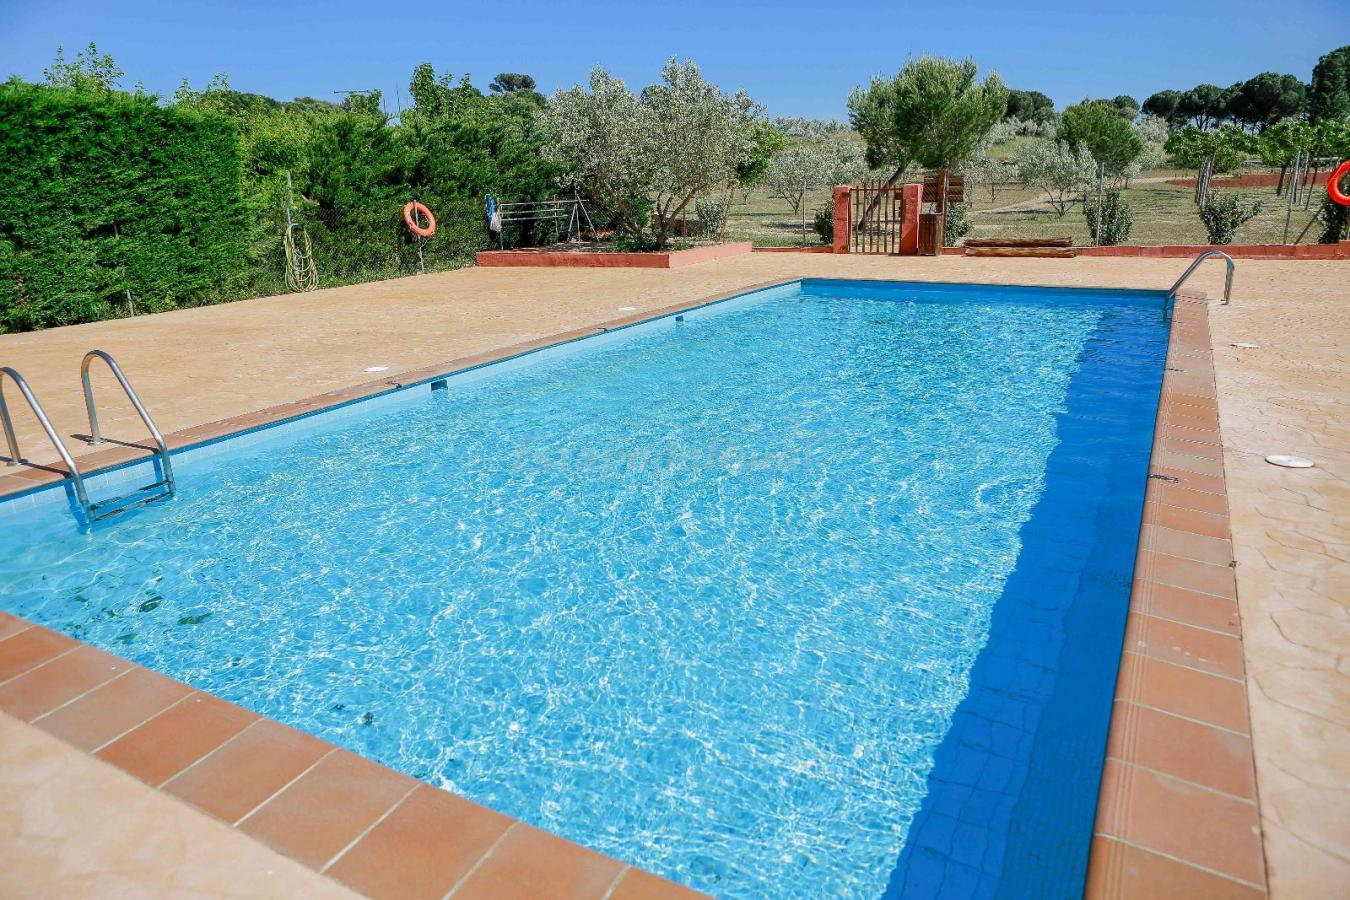 Fotos de els estanys casa rural en capmany girona for Casa rural girona piscina